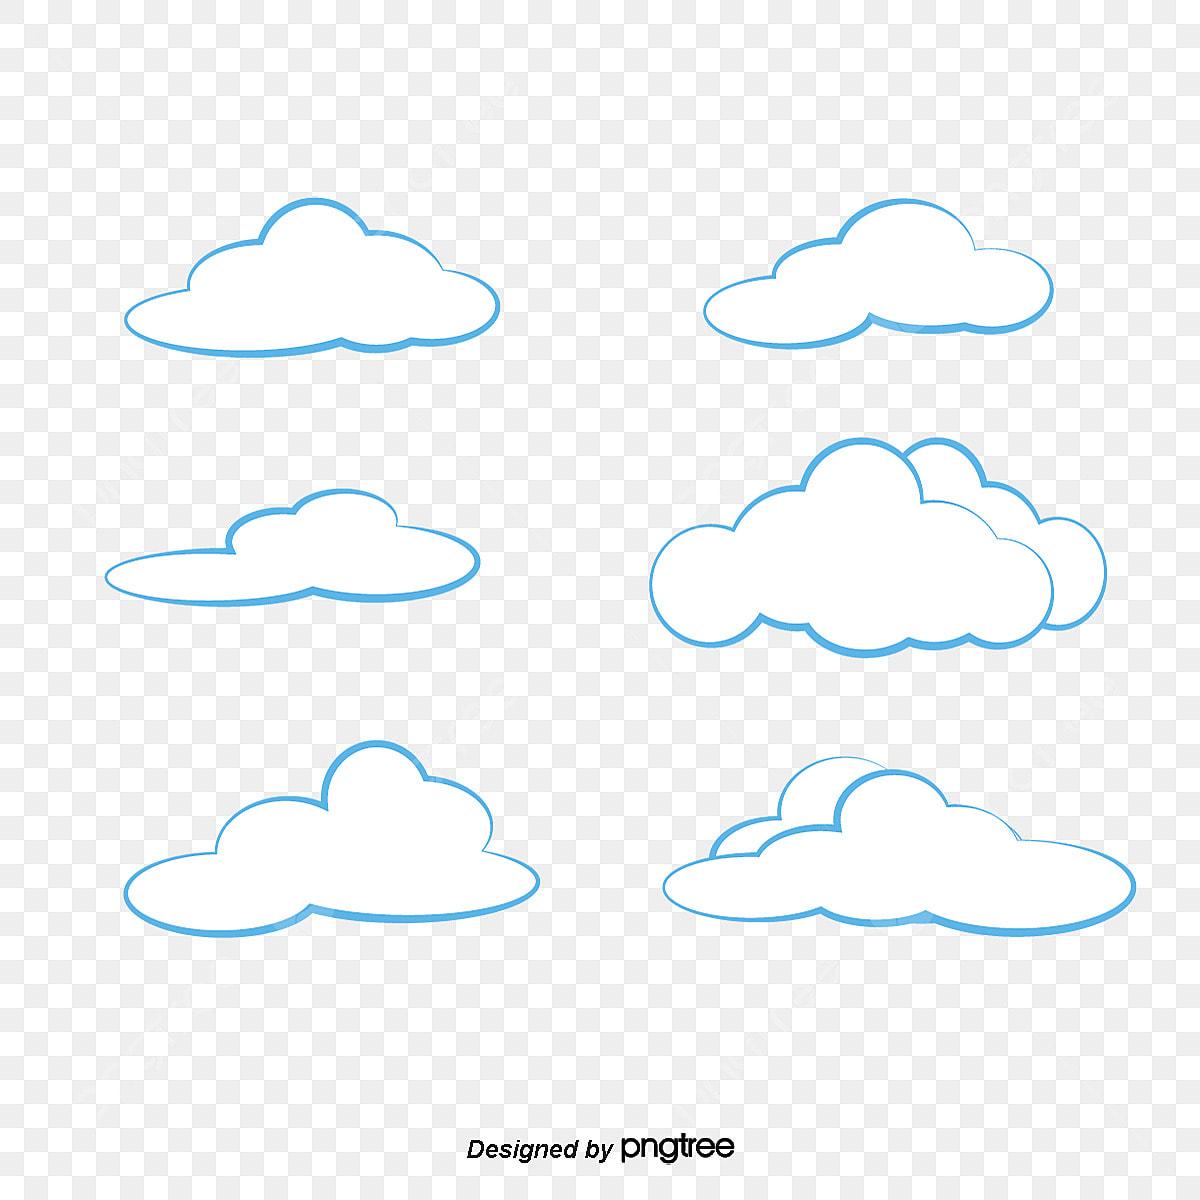 gambar awan awan yang berkibar awan kartun awan awan png dan vektor untuk muat turun percuma pngtree